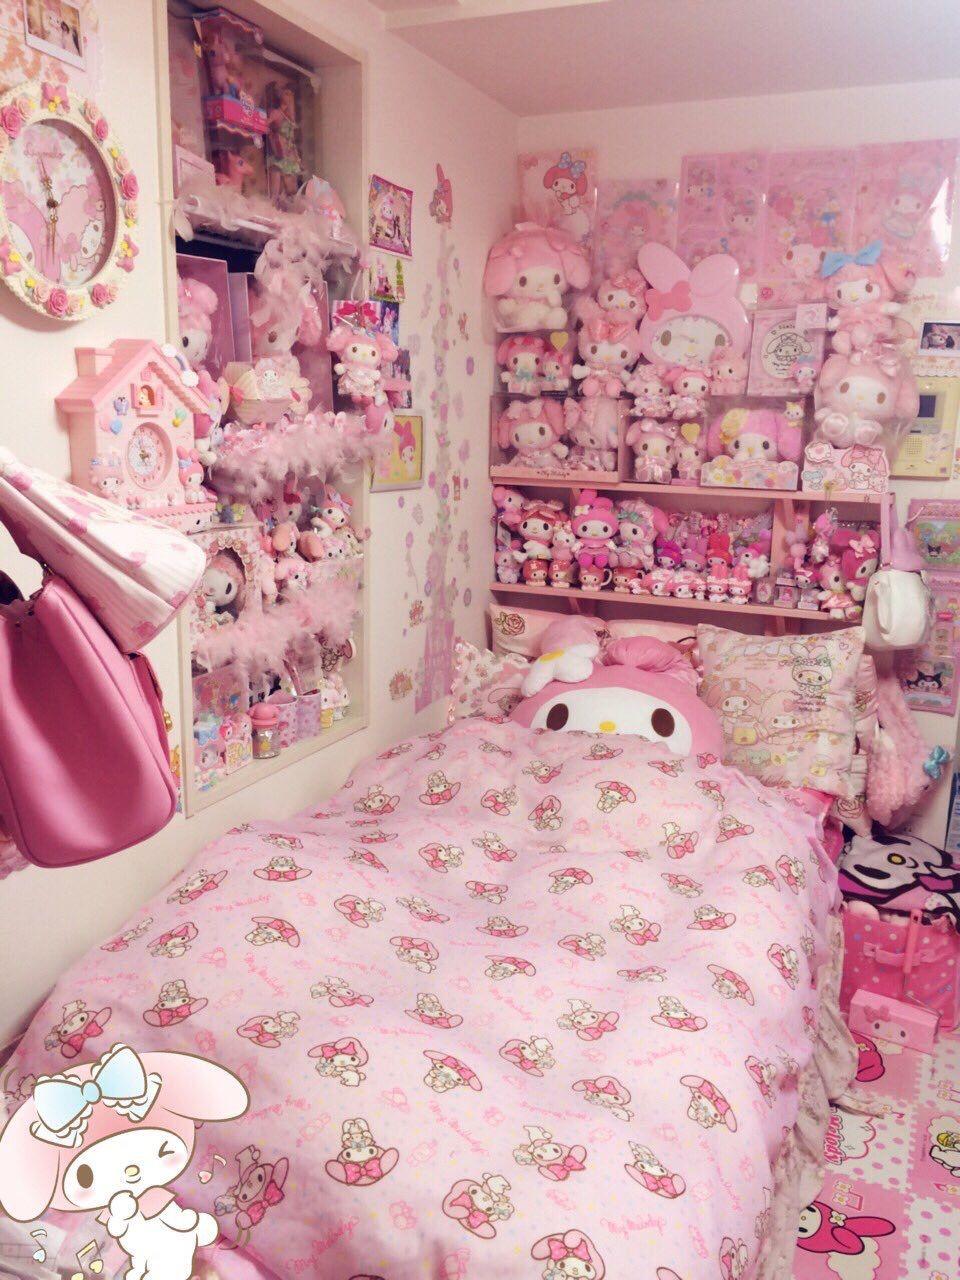 Pin By Garance L On Rooms Kawaii Bedroom Kawaii Room